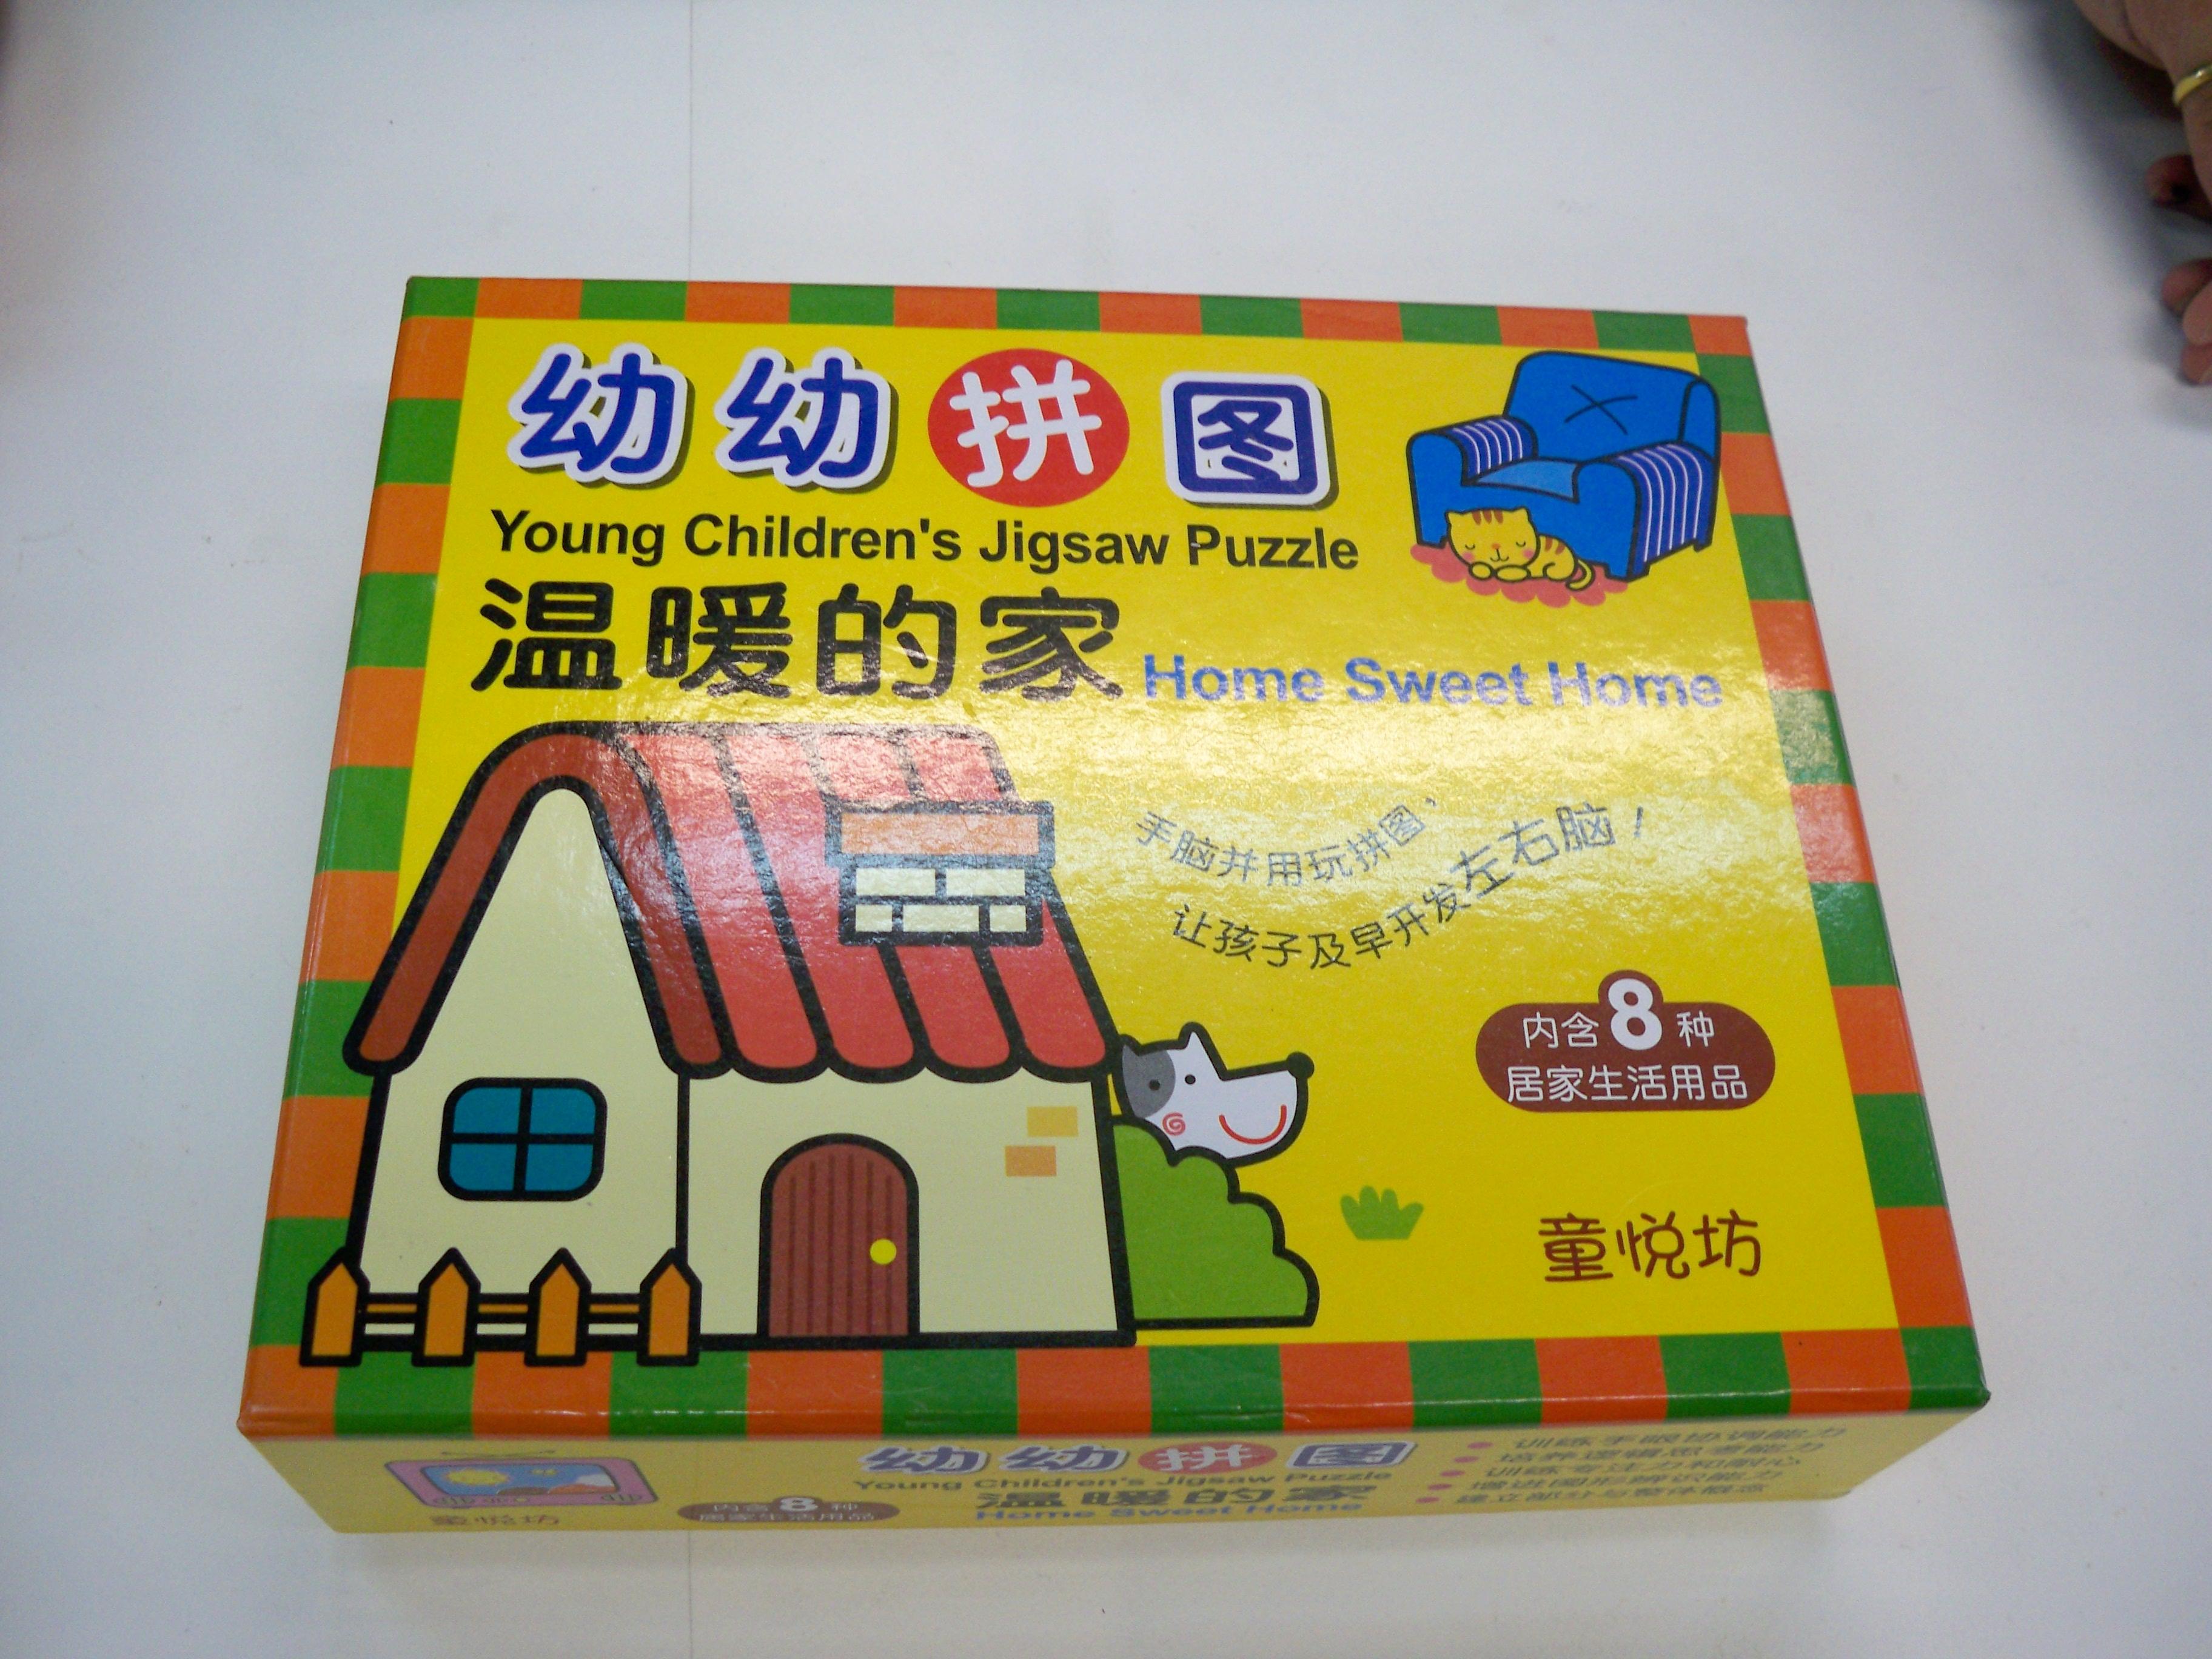 จิกซอ บัตรคำศัพท์ภาษาจีน